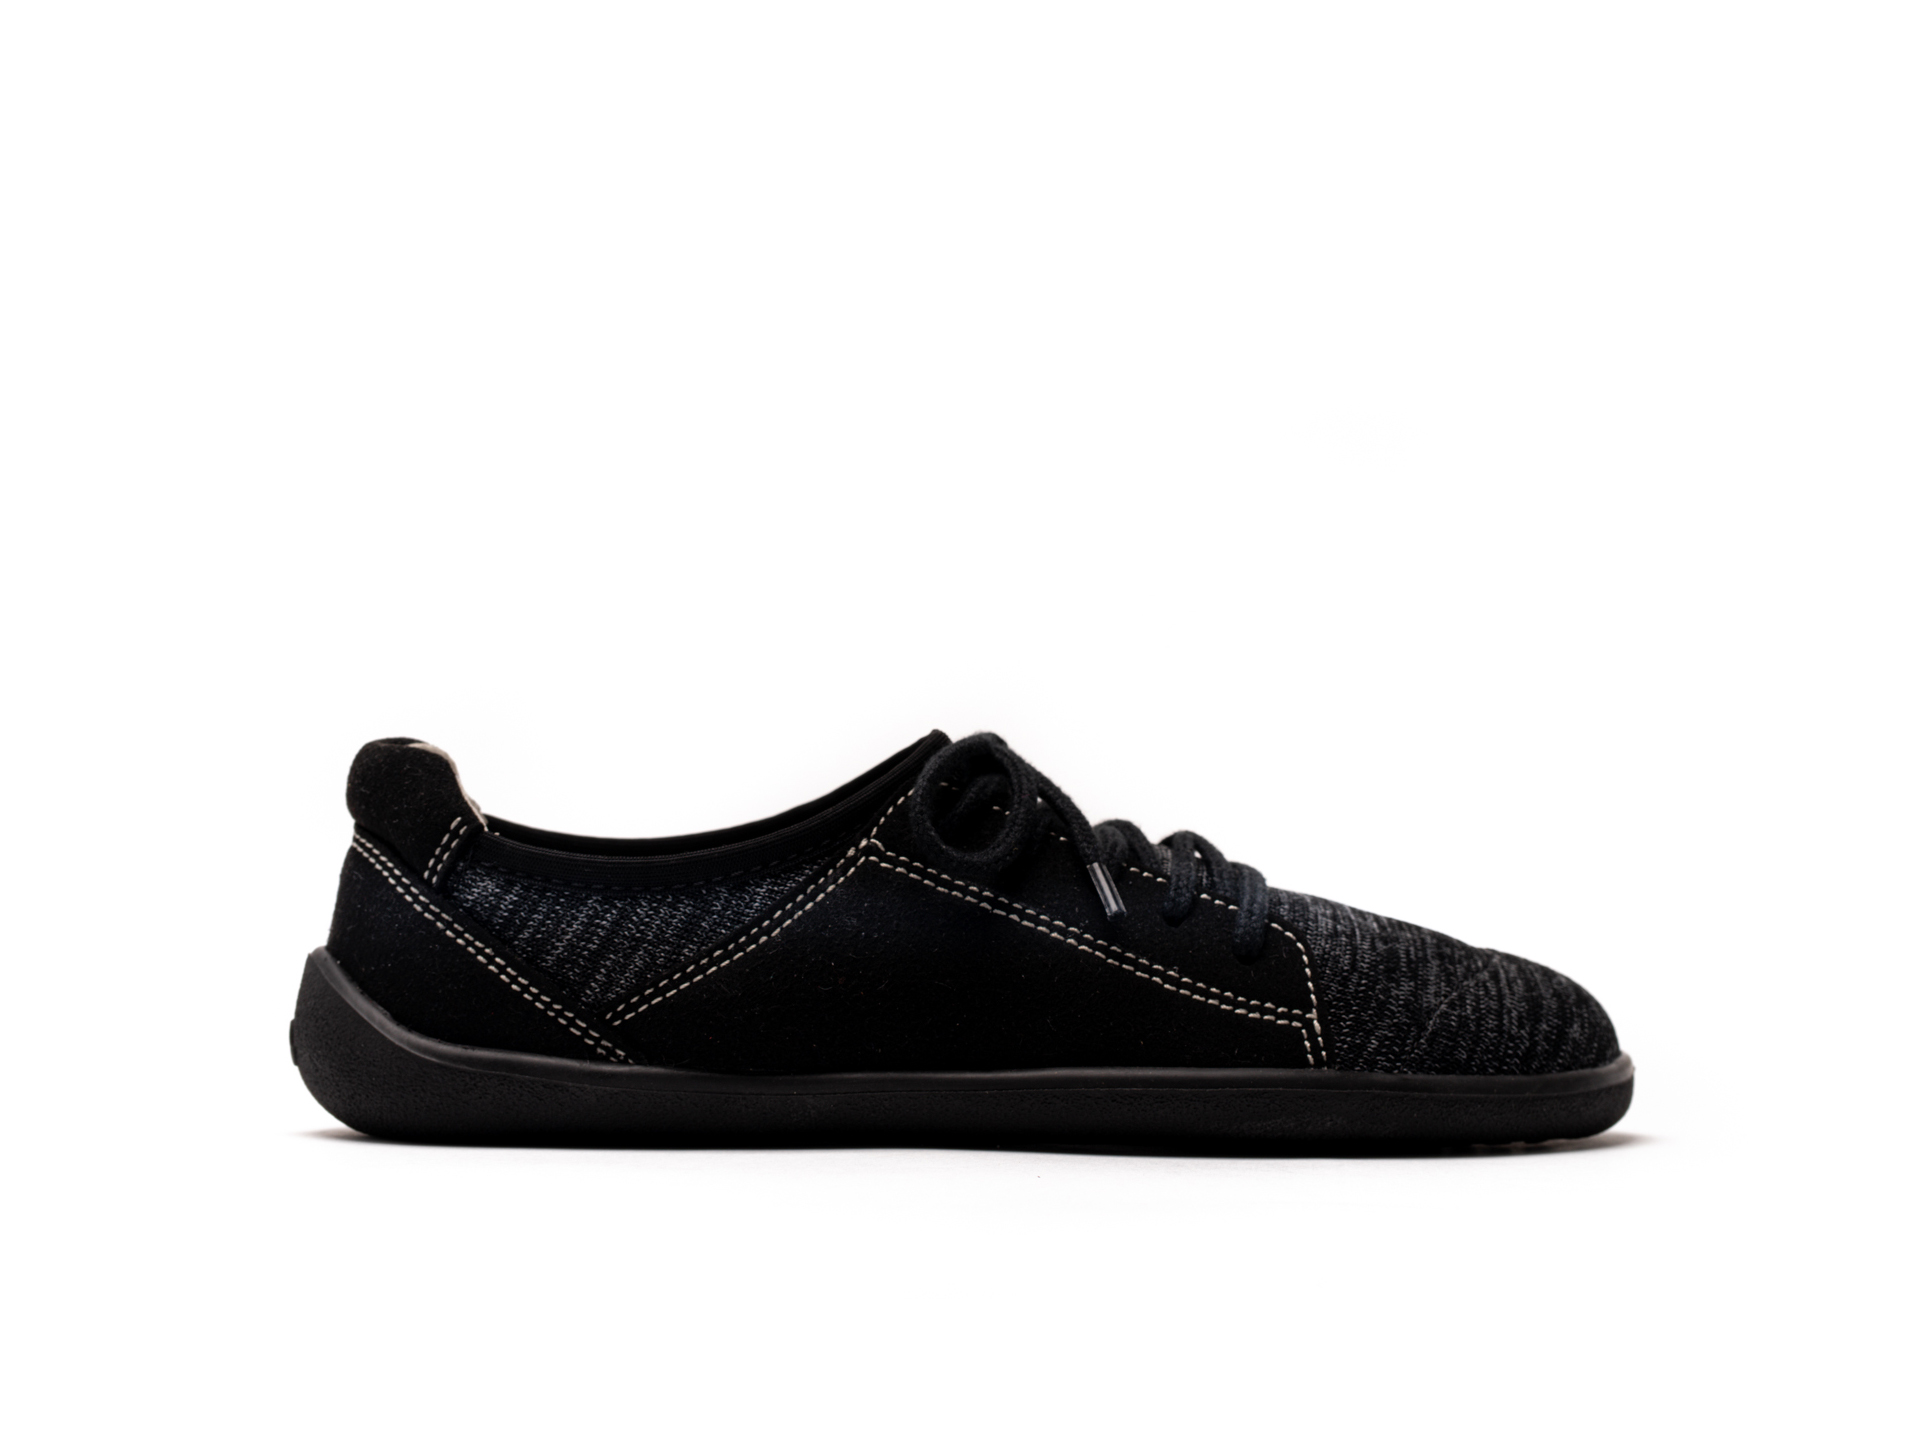 Barefoot Sneakers - Be Lenka Ace - All Black 45